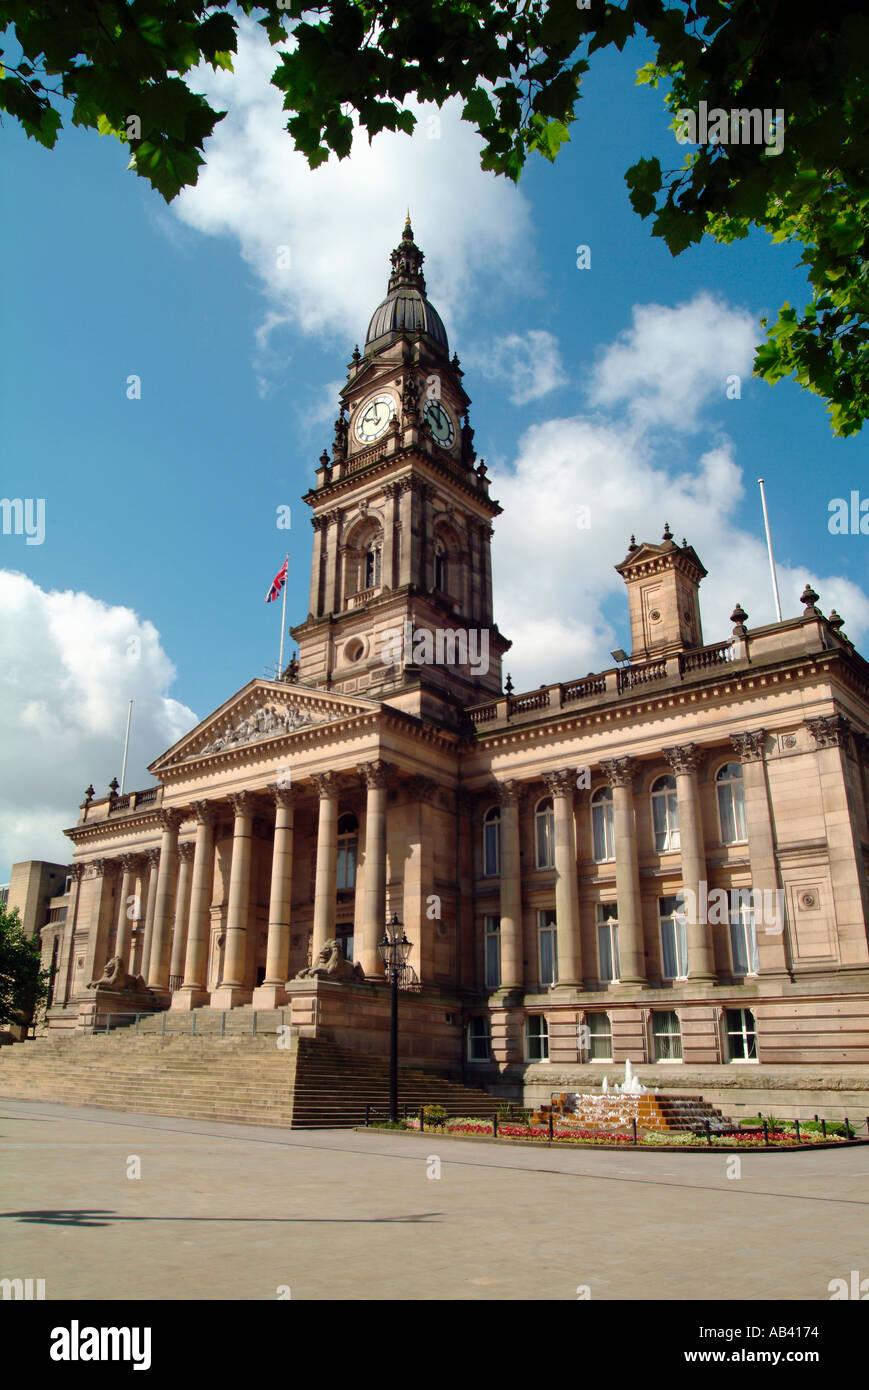 Bolton Town Hall England UK - Stock Image